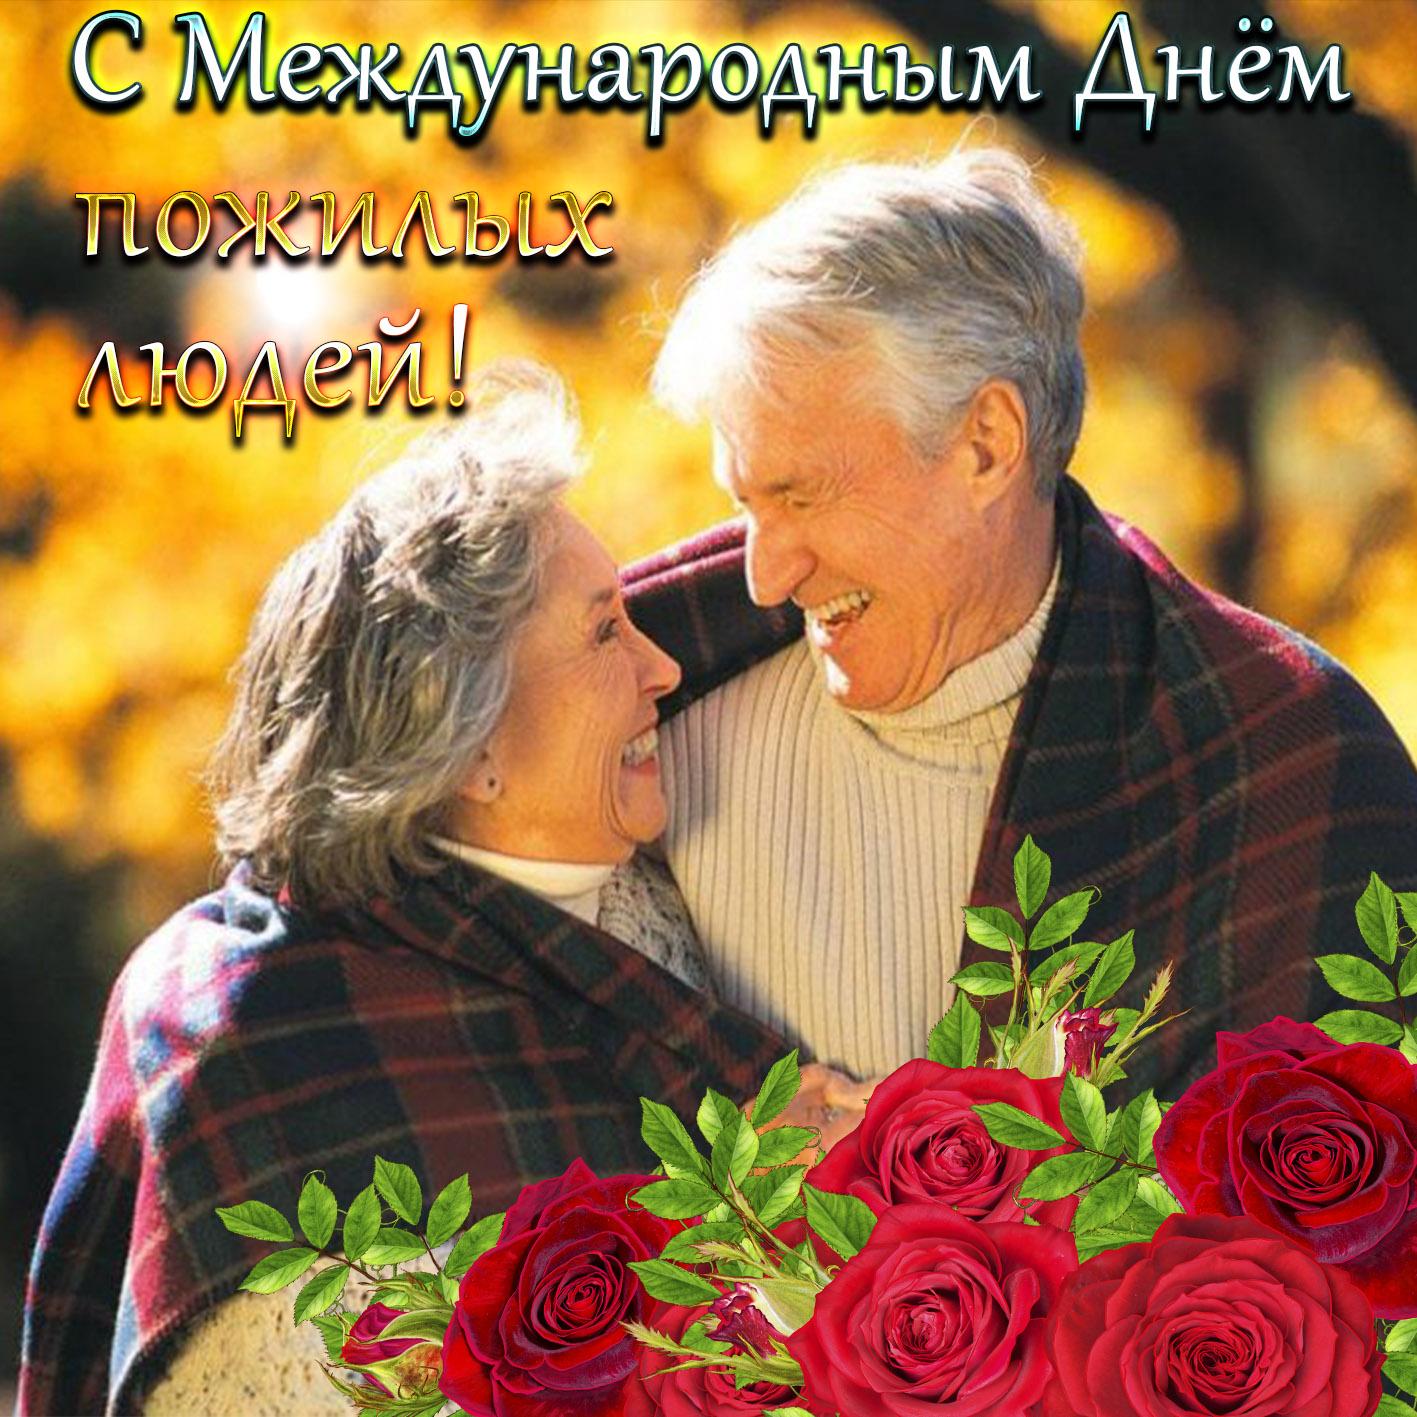 сама открытки к дню пожилого человека фото ждала